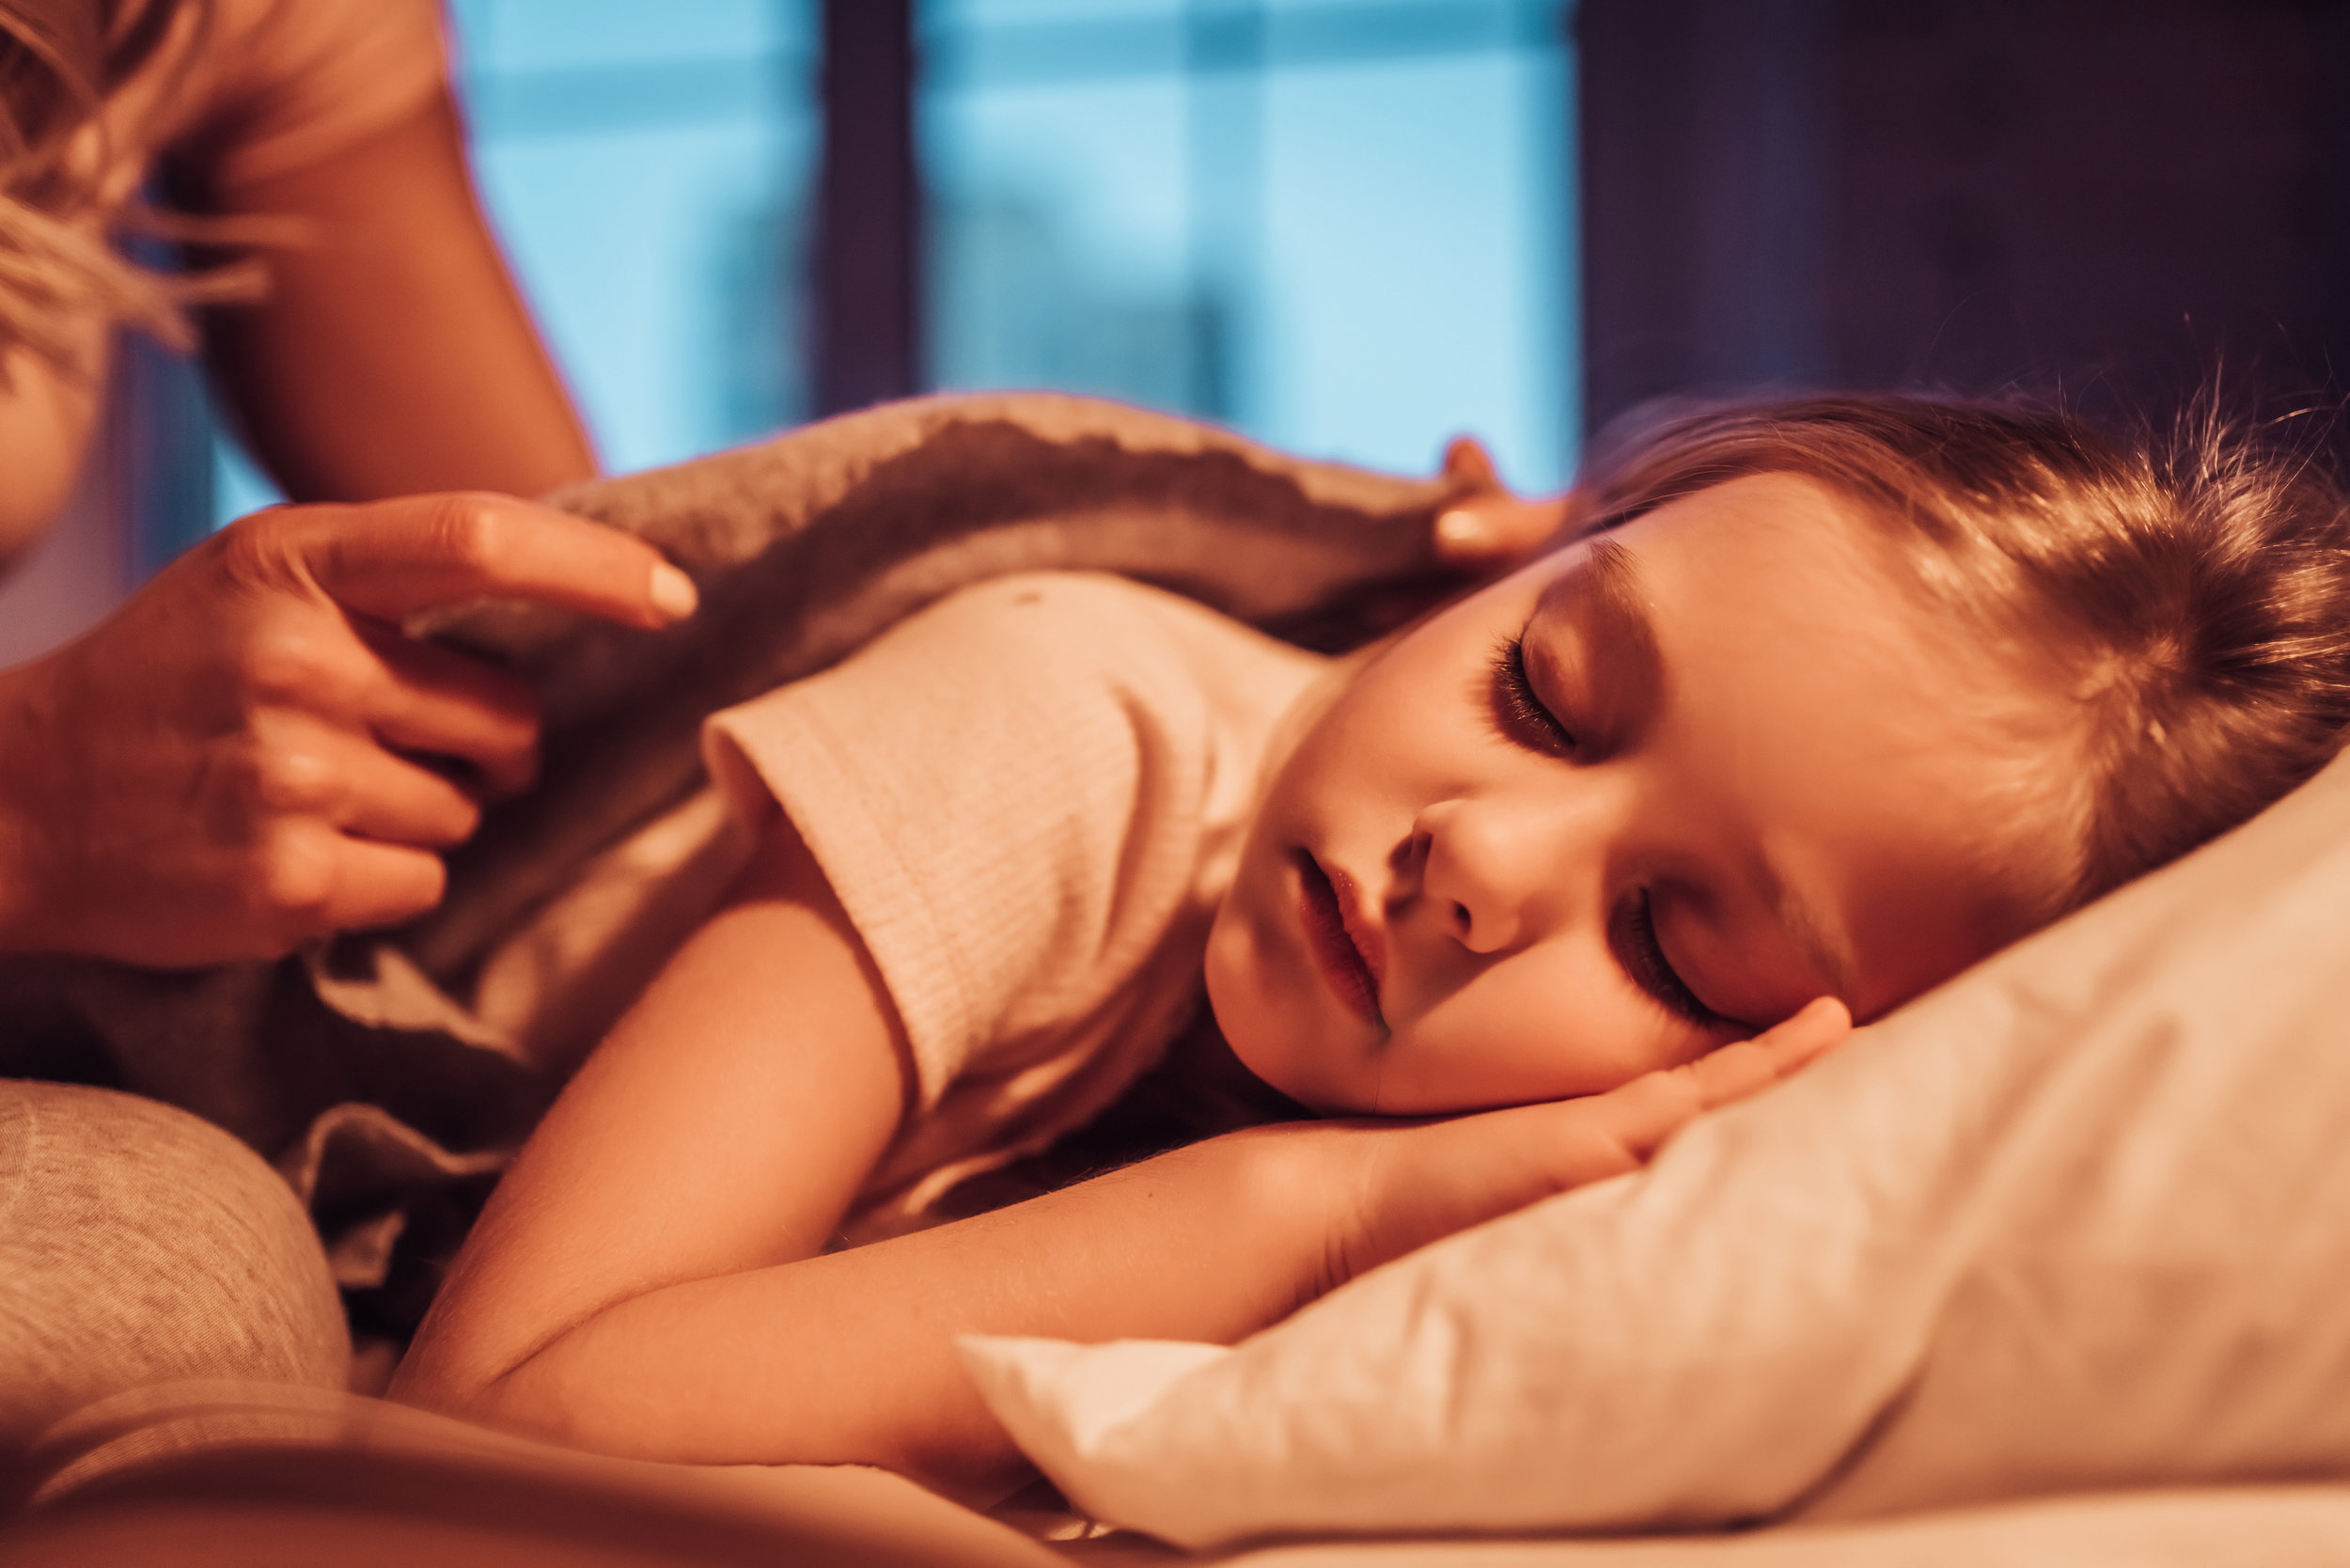 dodo-sommeil-endormir-enfant-temps-maman-famille-rituel